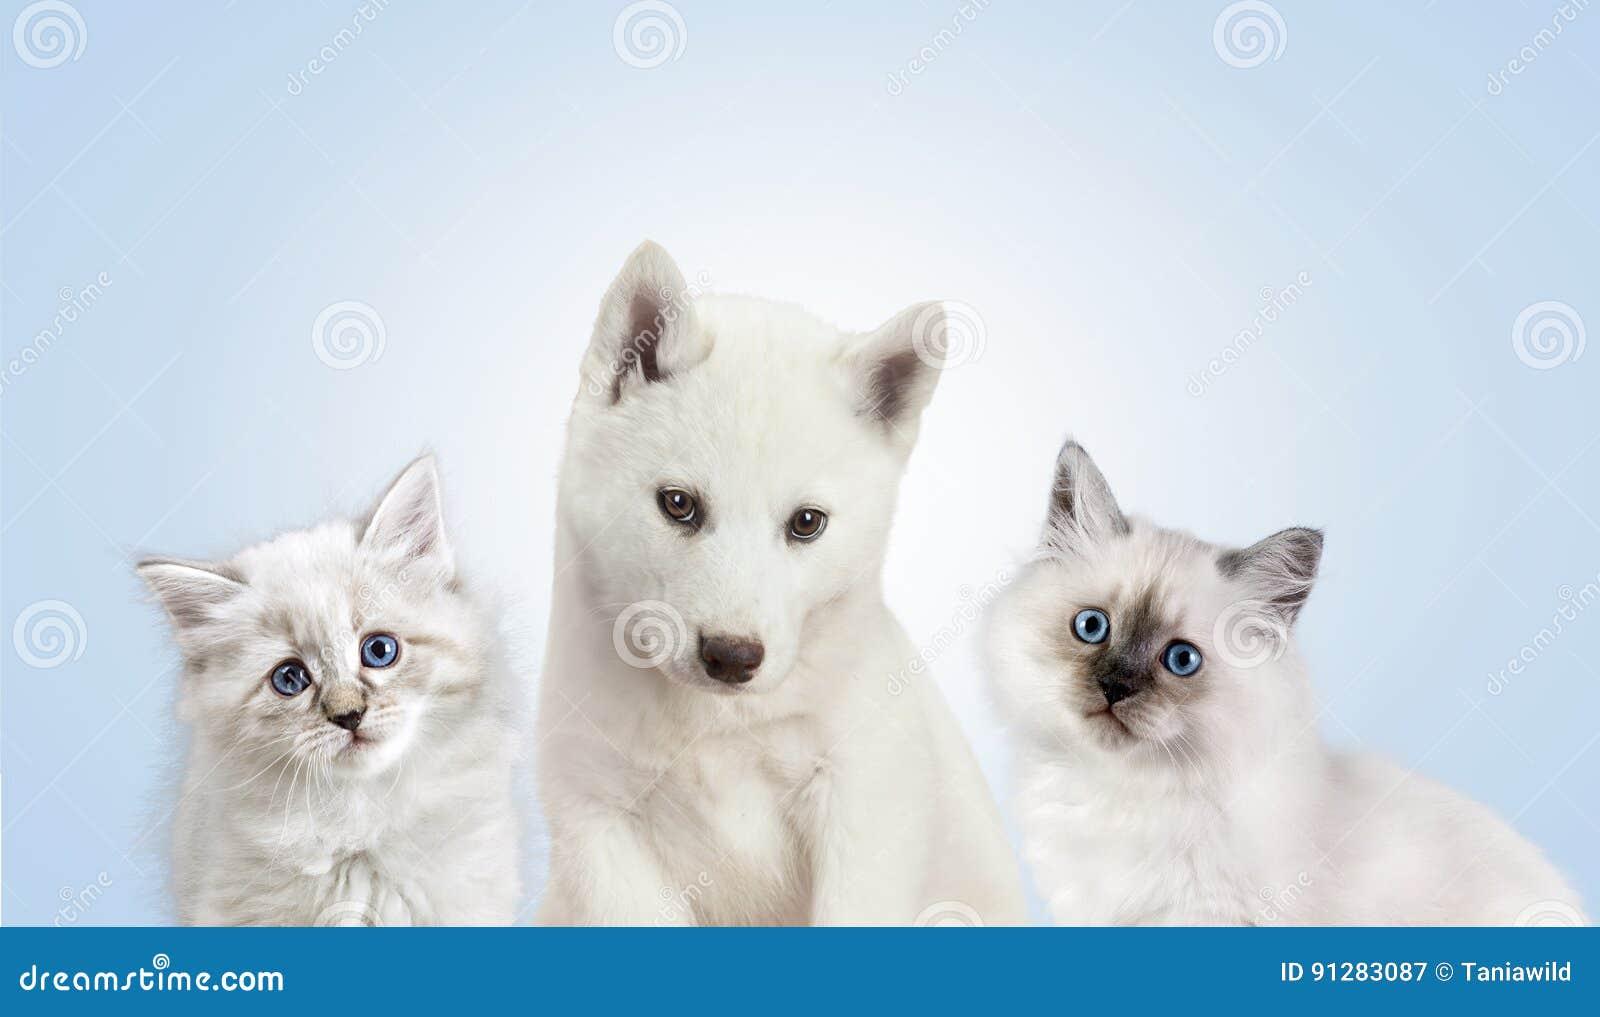 Katt och hund tillsammans, nevamaskeradkattunge, golden retriever